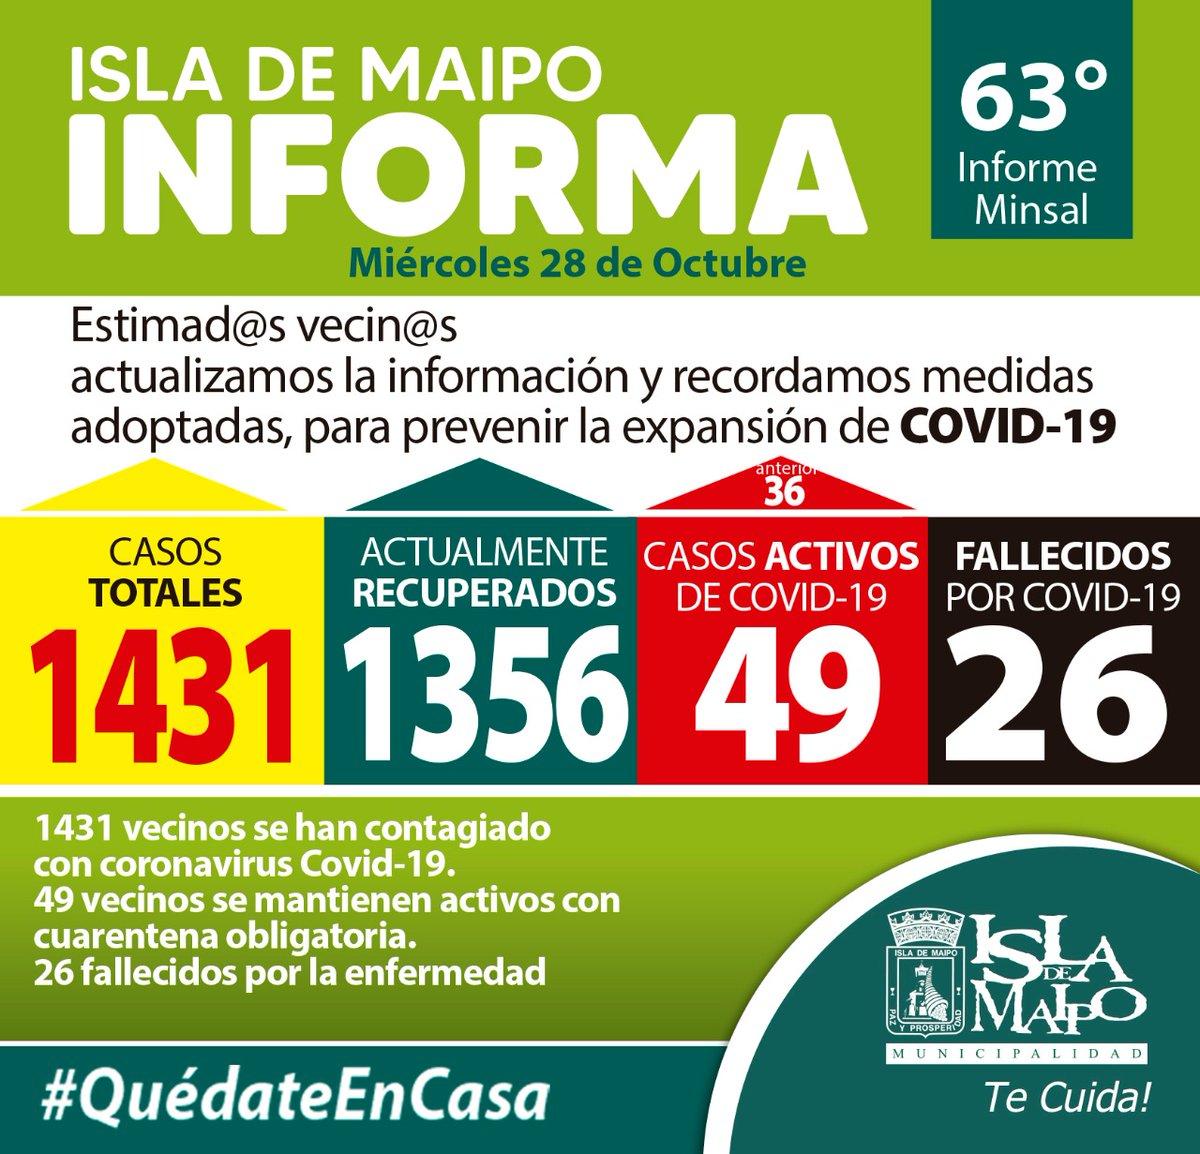 63° Informe Minsal: Hoy registramos una importante alza de casos activos por Covid-19 en Isla de Maipo. 13 personas más respecto al informe anterior sumando un total de 49 casos. No arriesguemos otro retroceso en el Plan Paso a Paso. Debemos ser más estrictos en el autocuidado. https://t.co/EAlAb6L8pr